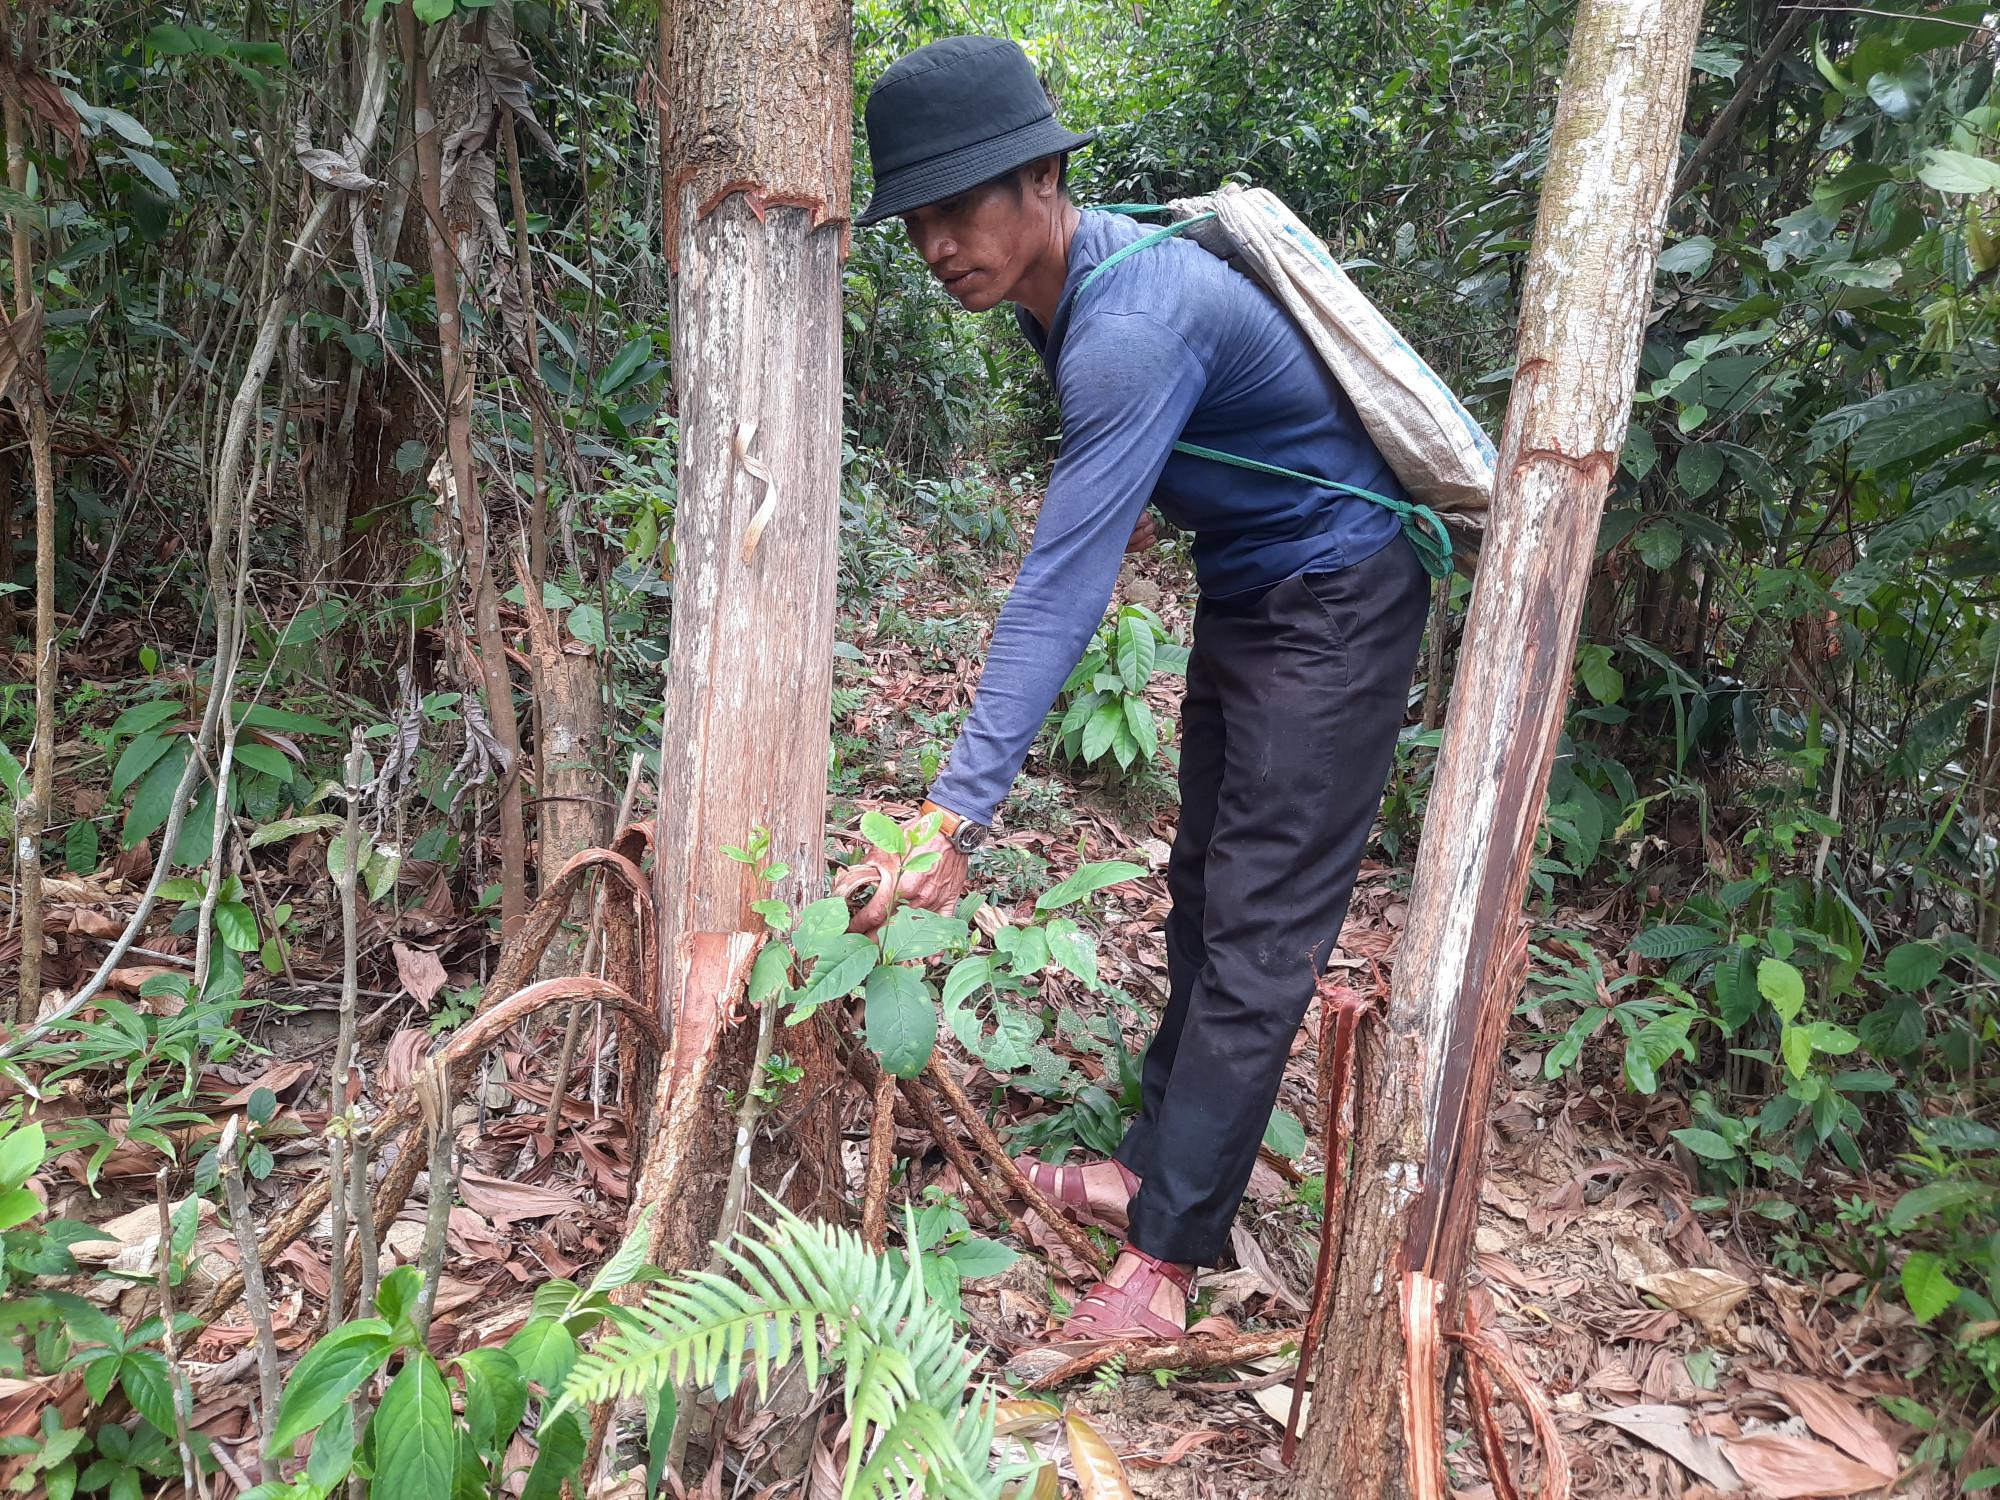 Rẫy keo của gia đình anh Trung Ngọc Chanh bị lưc lượng của công ty Tiến Thiên Tân vào lột vỏ để cây keo chết dần